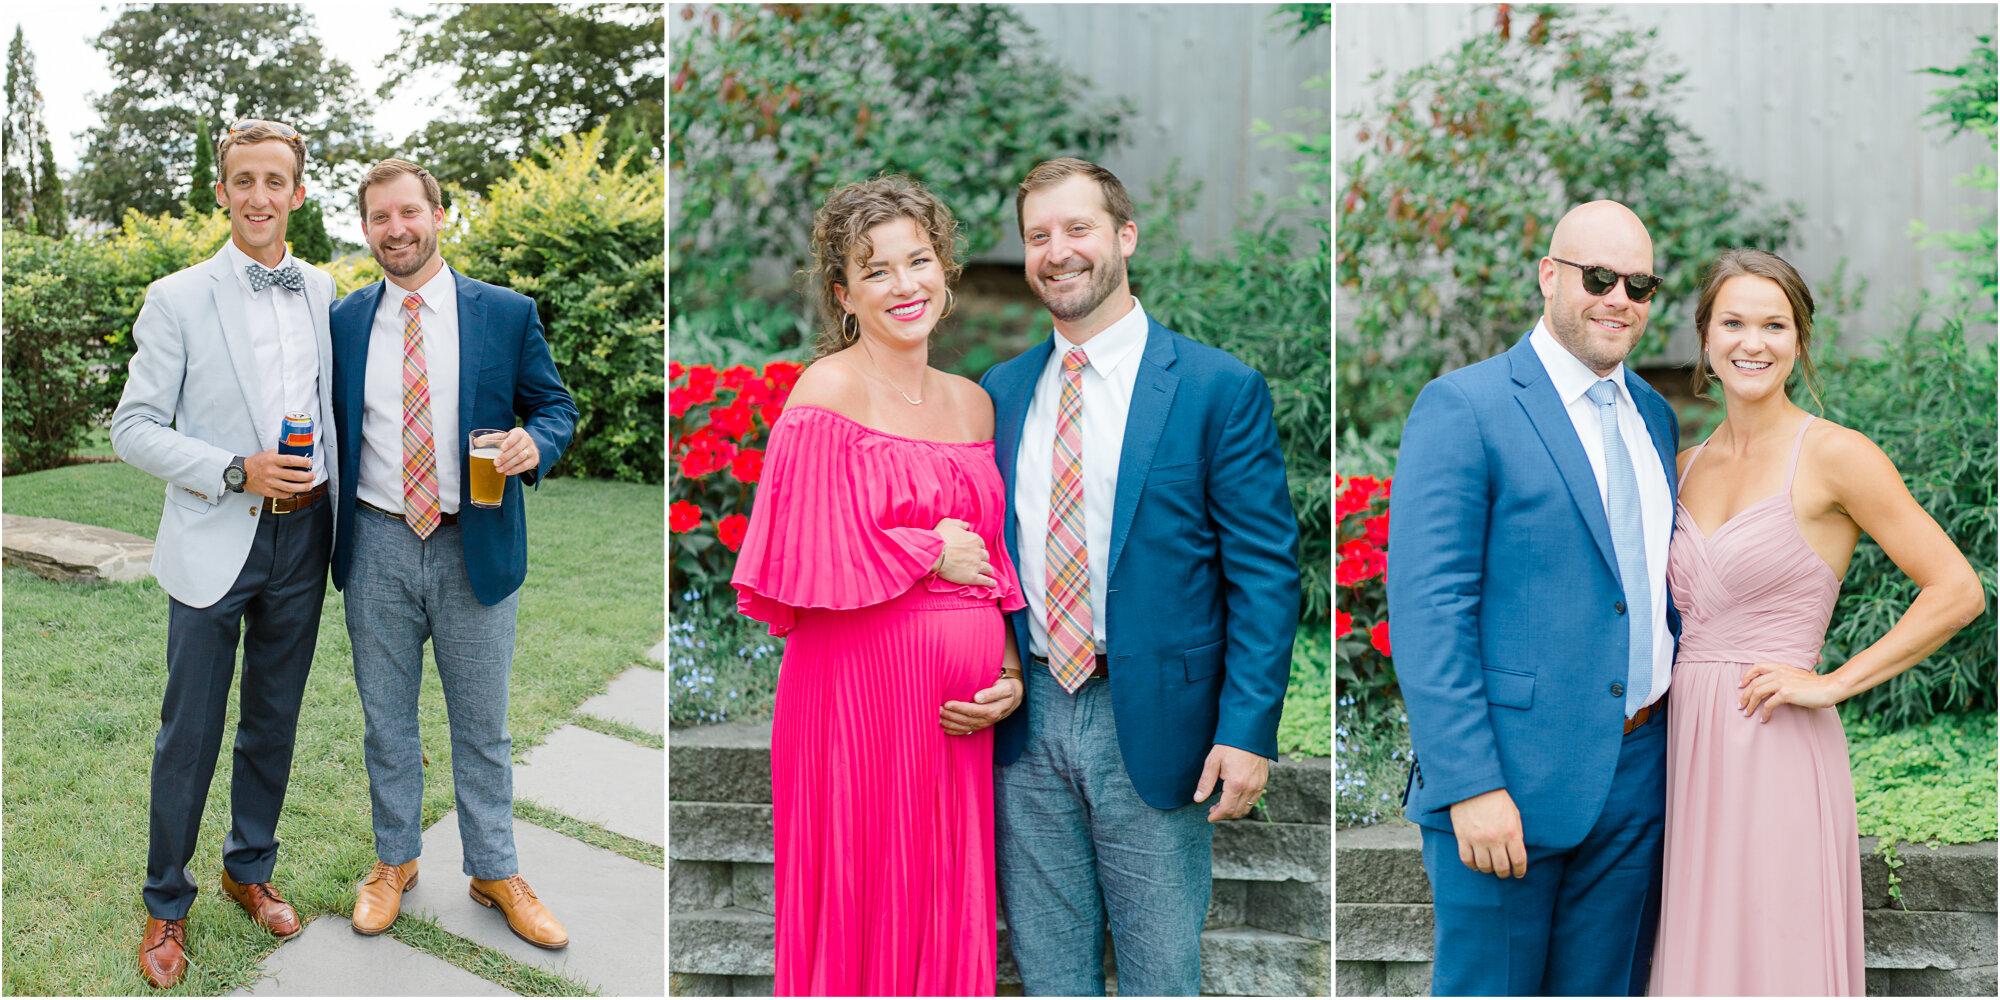 Luxury New England Wedding Photographer 13.jpg